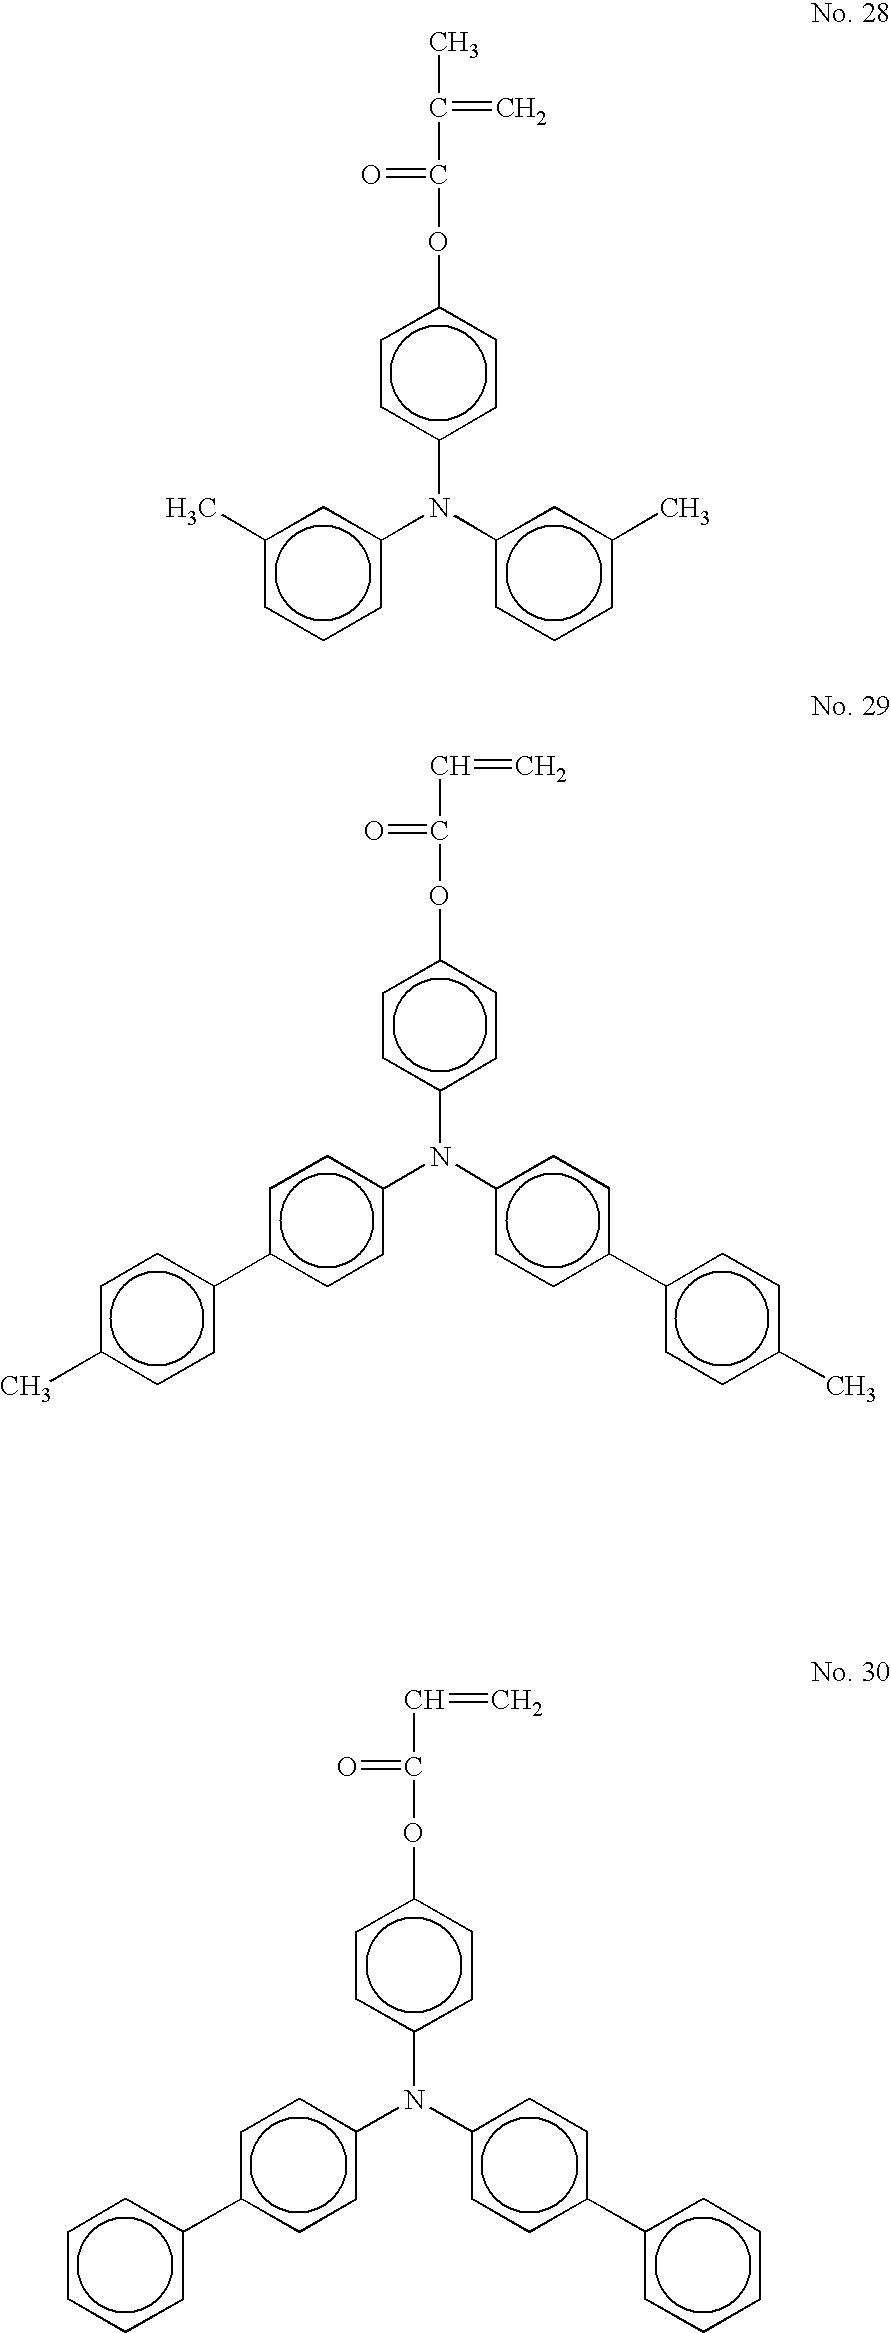 Figure US20060177749A1-20060810-C00026